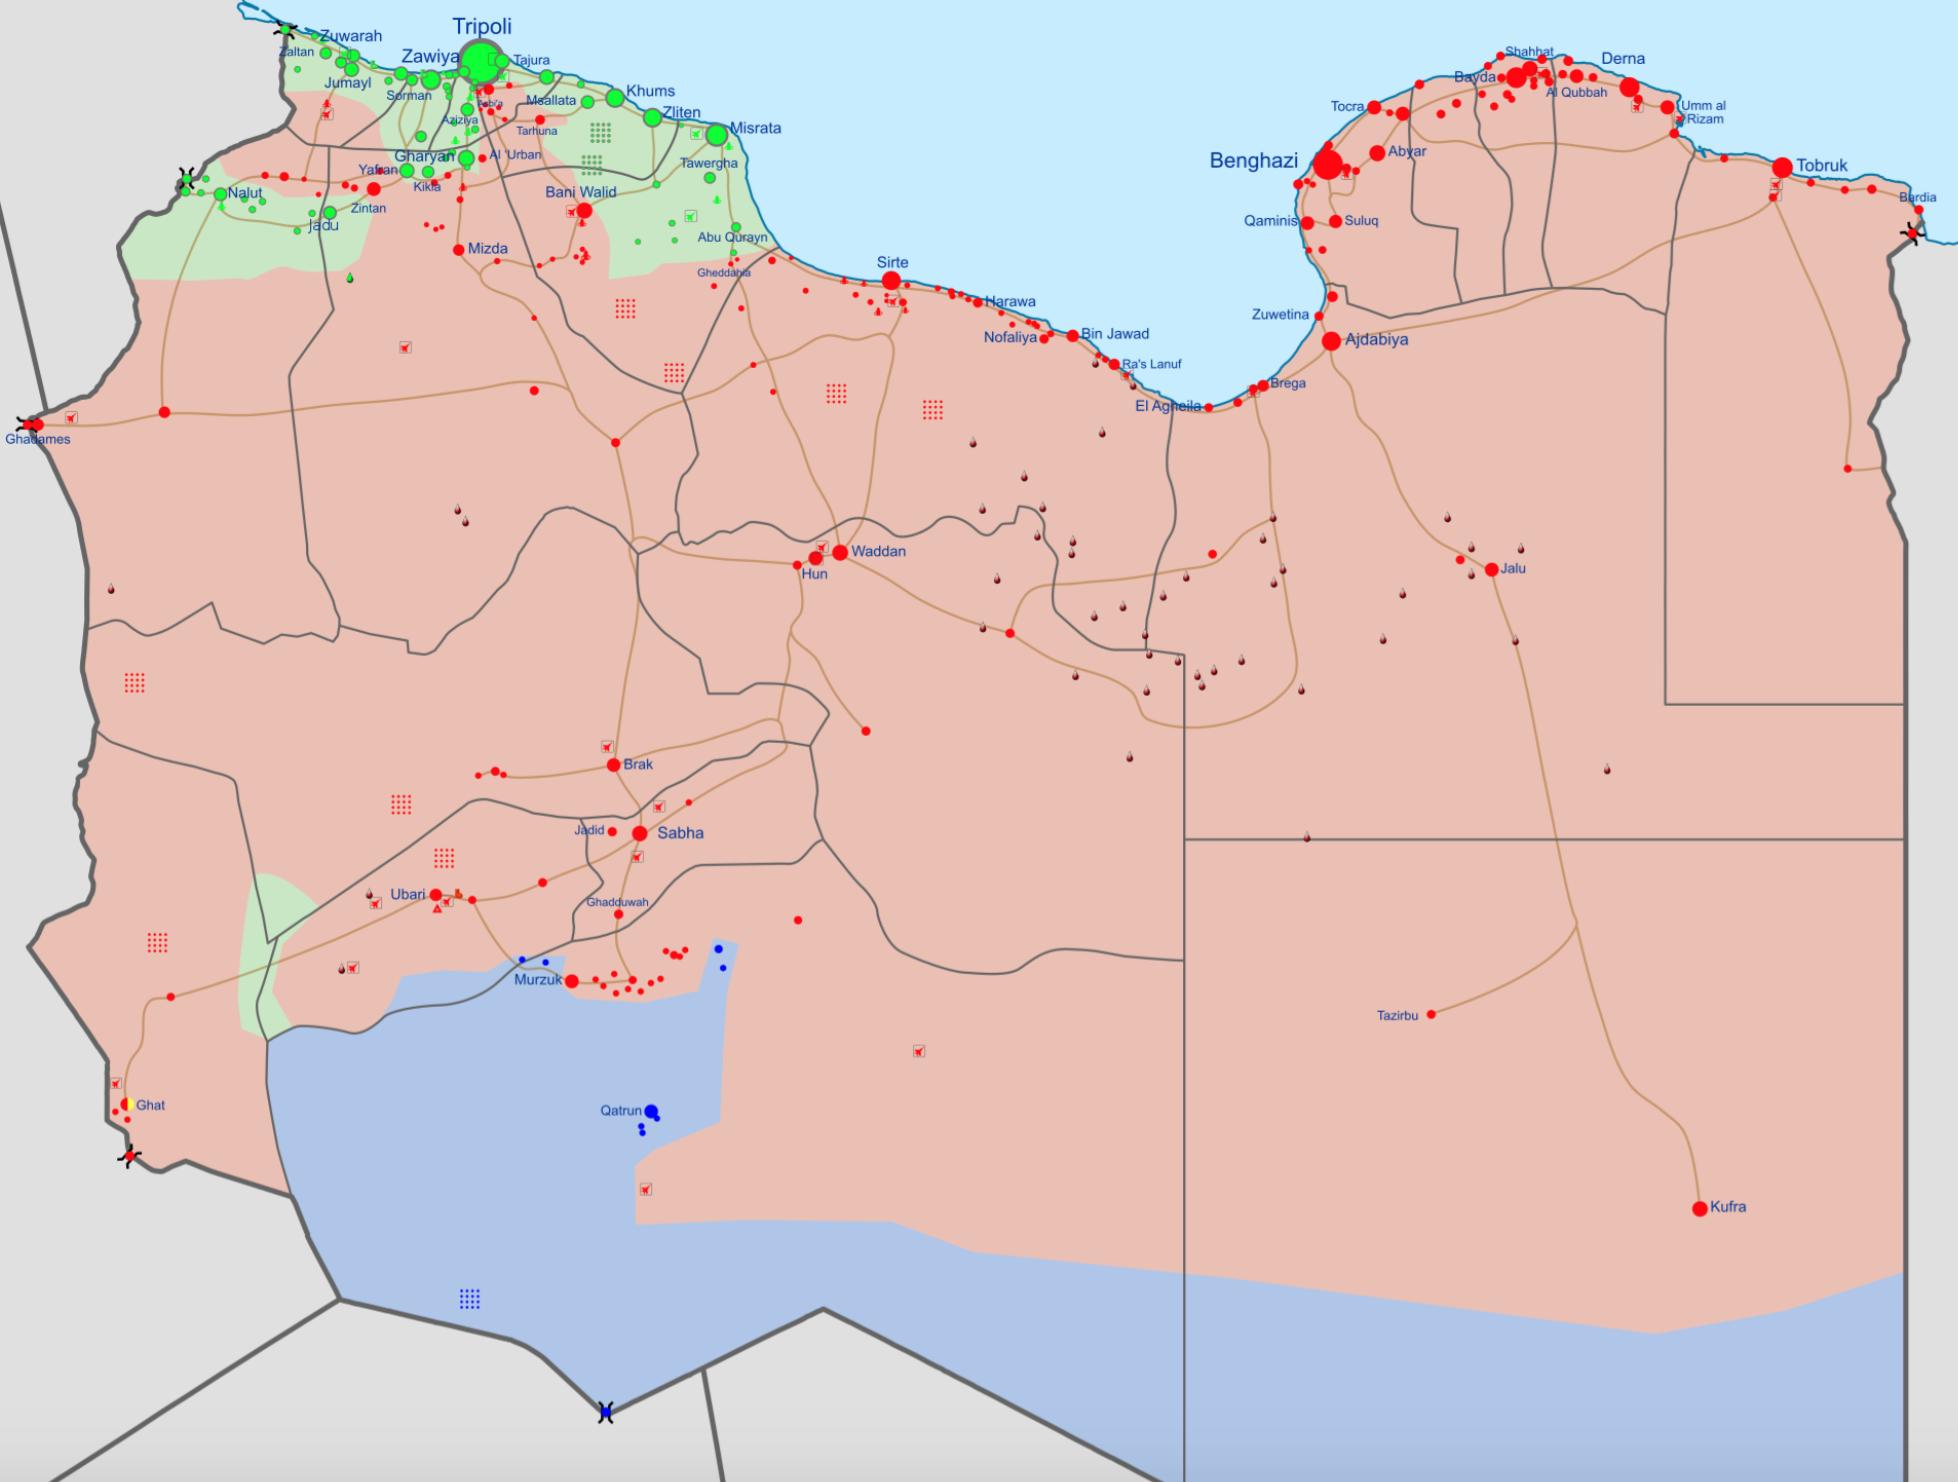 Correlación de fuerzas en la guerra civil libia, en febrero de 2016 [Wikipedia]